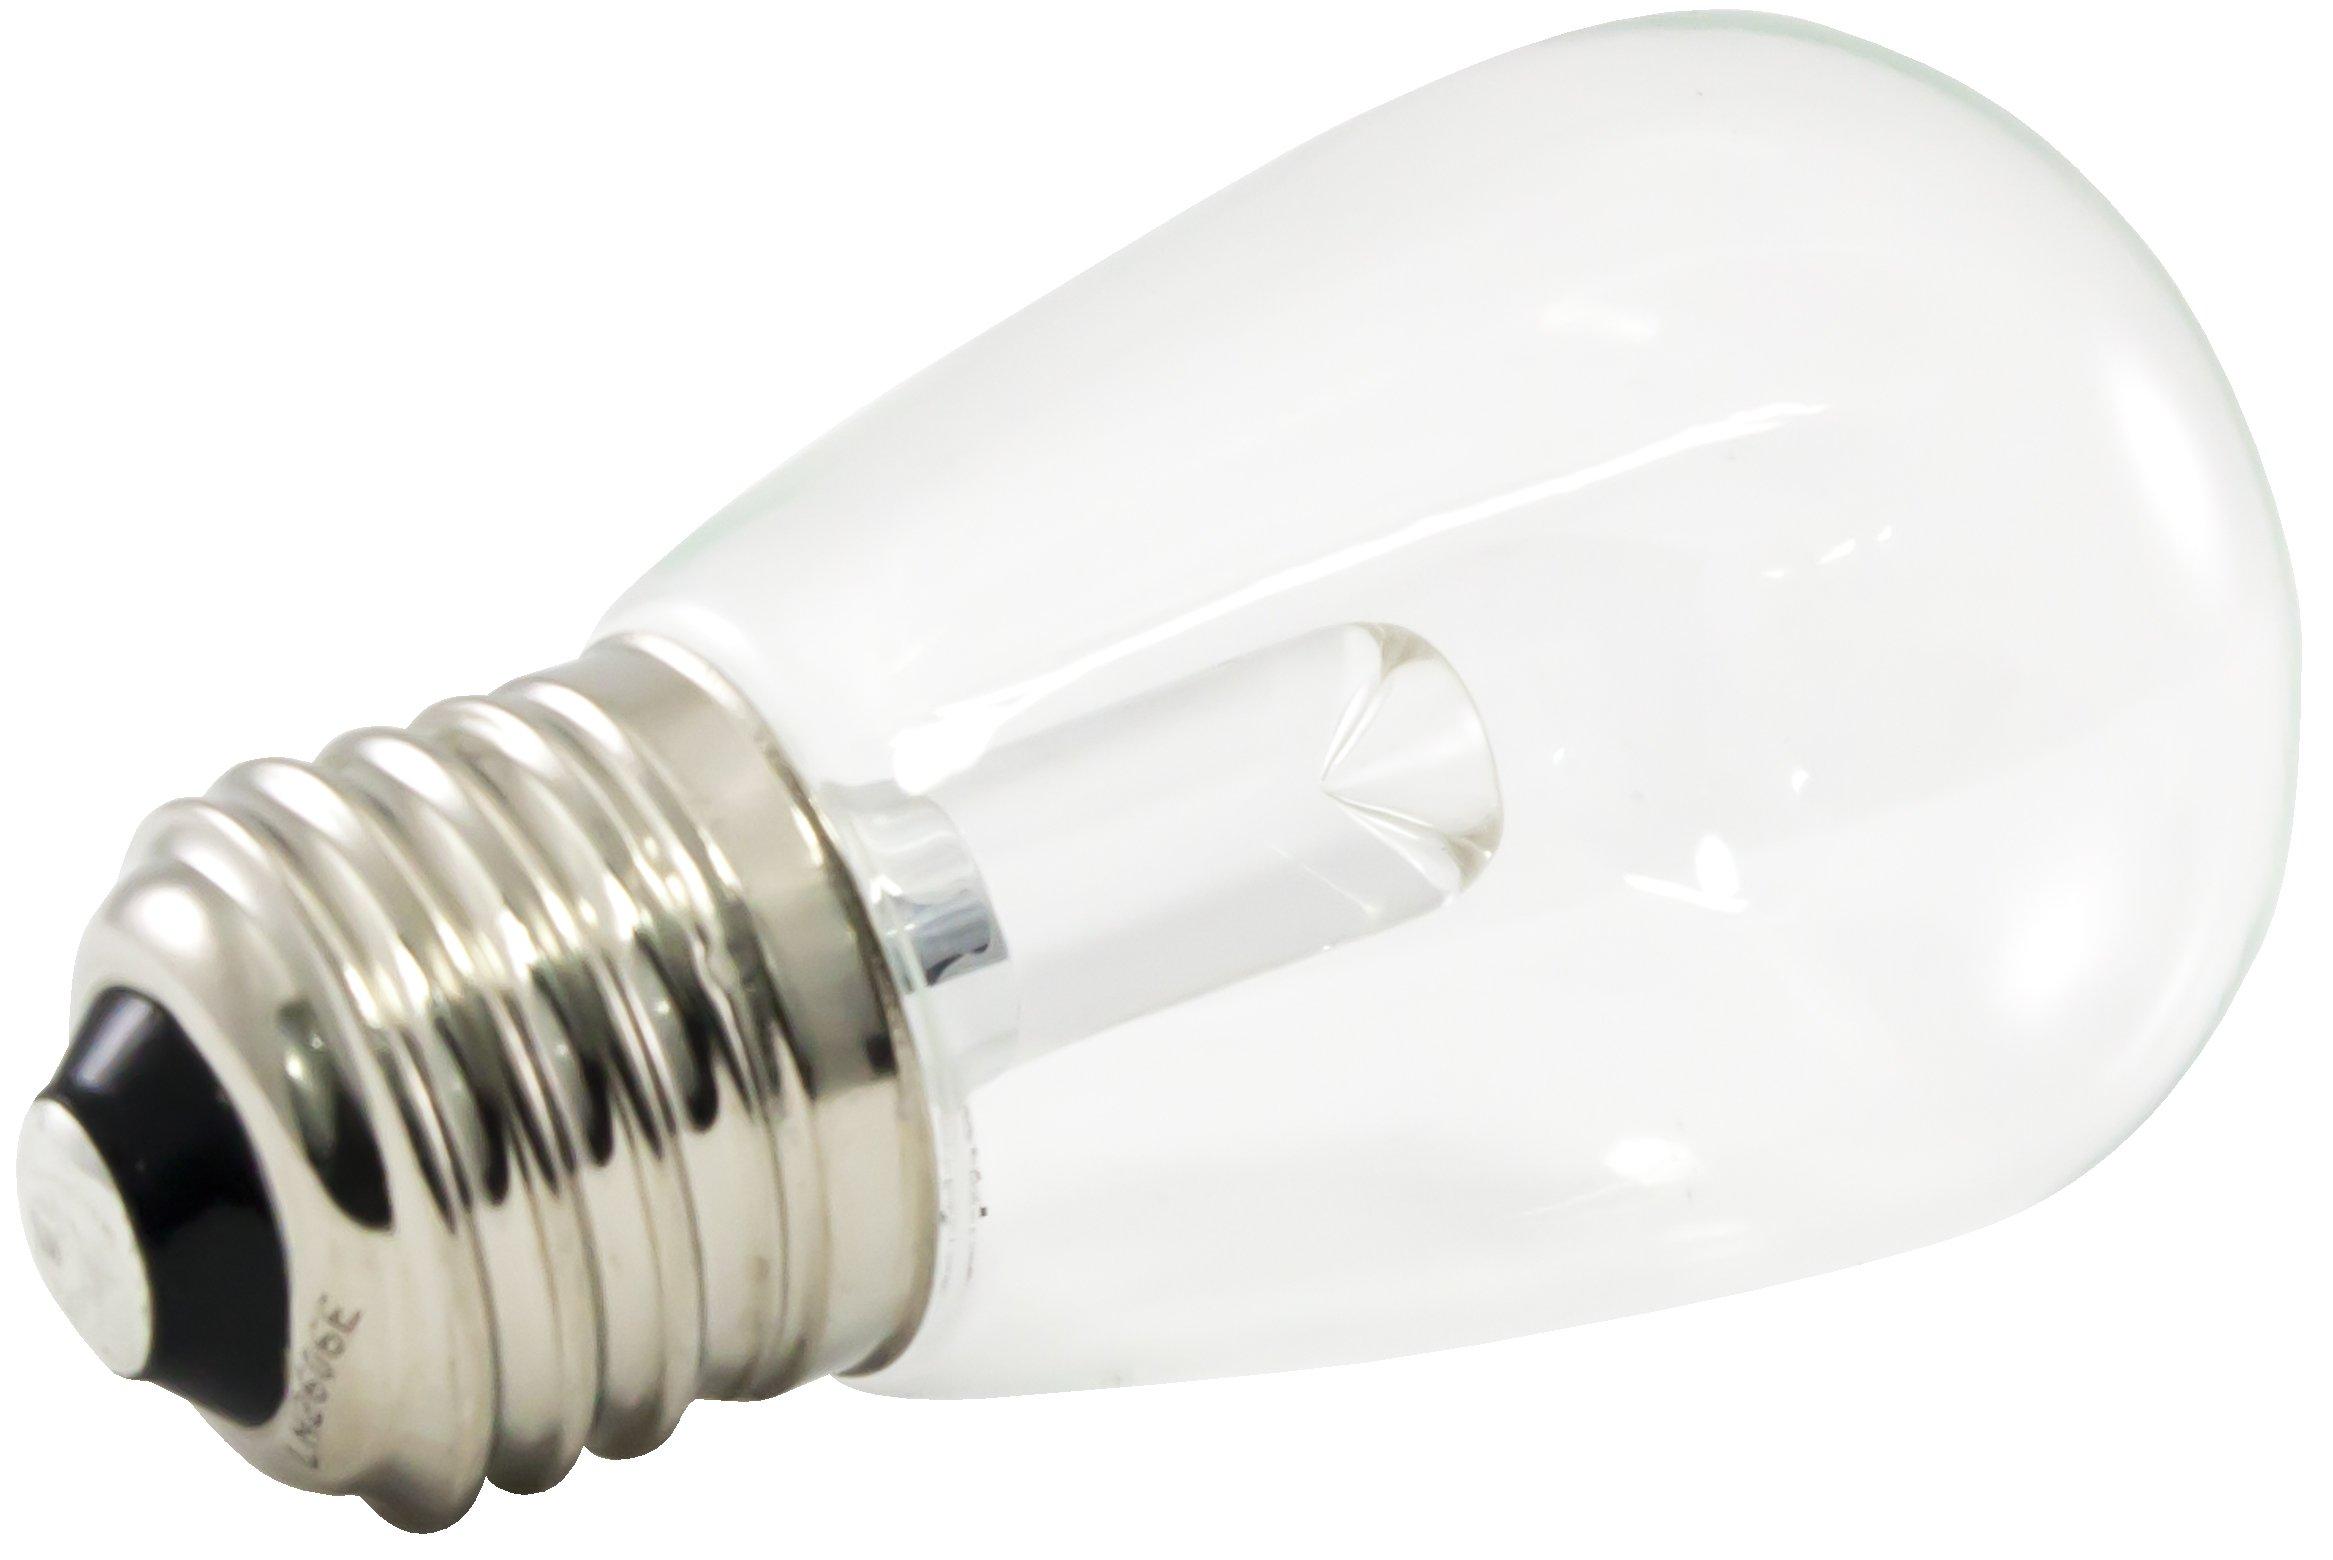 American Lighting Dimmable LED S14 Transparent Light Bulbs, E26 Medium Base, 2700K Warm White, 25-Pack